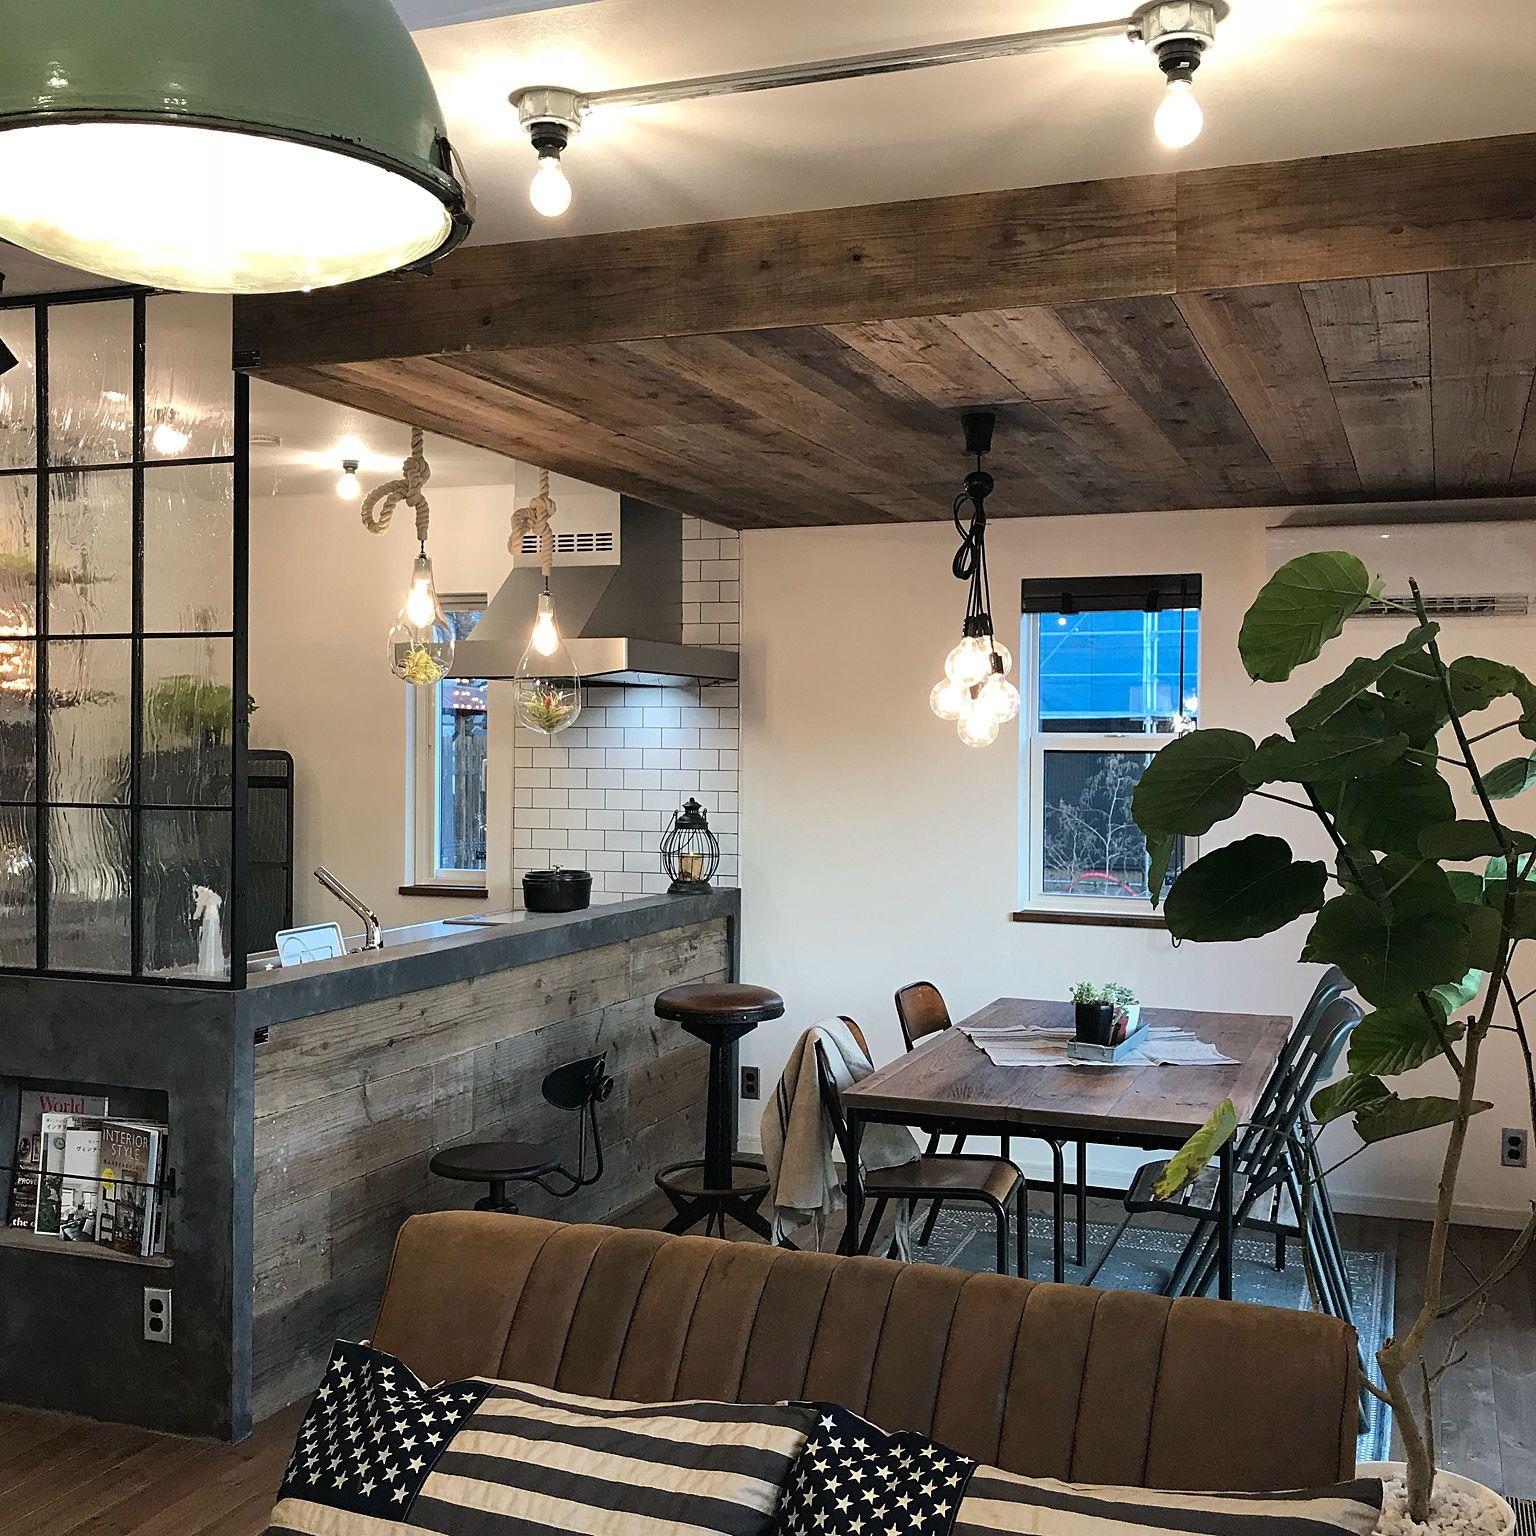 リビング インダストリアルな家 オープンハウス タイルのキッチン 完成